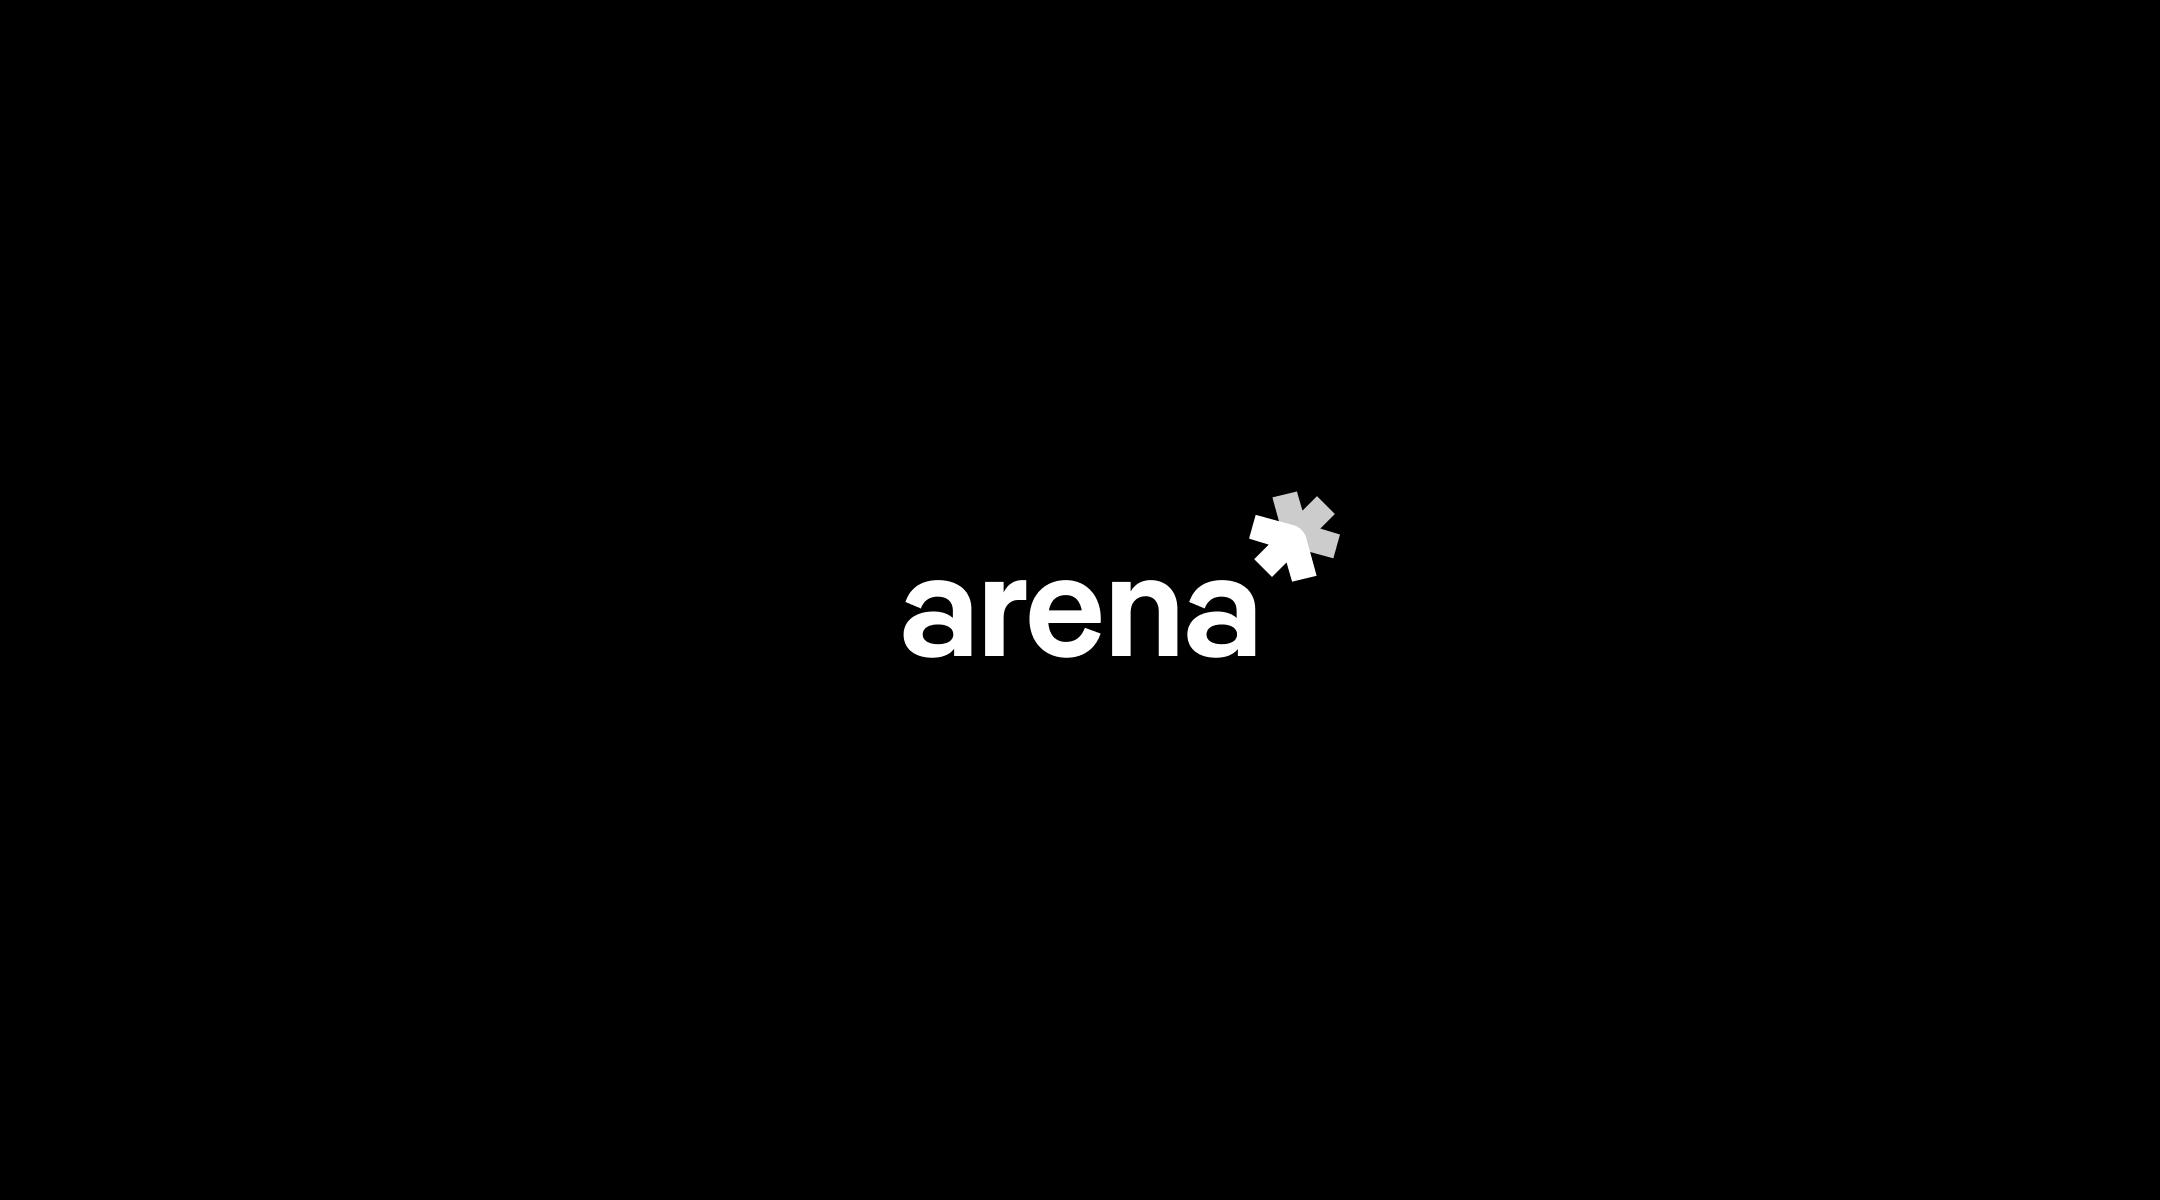 Логотип для сервиса «Игра с дизайнерами»